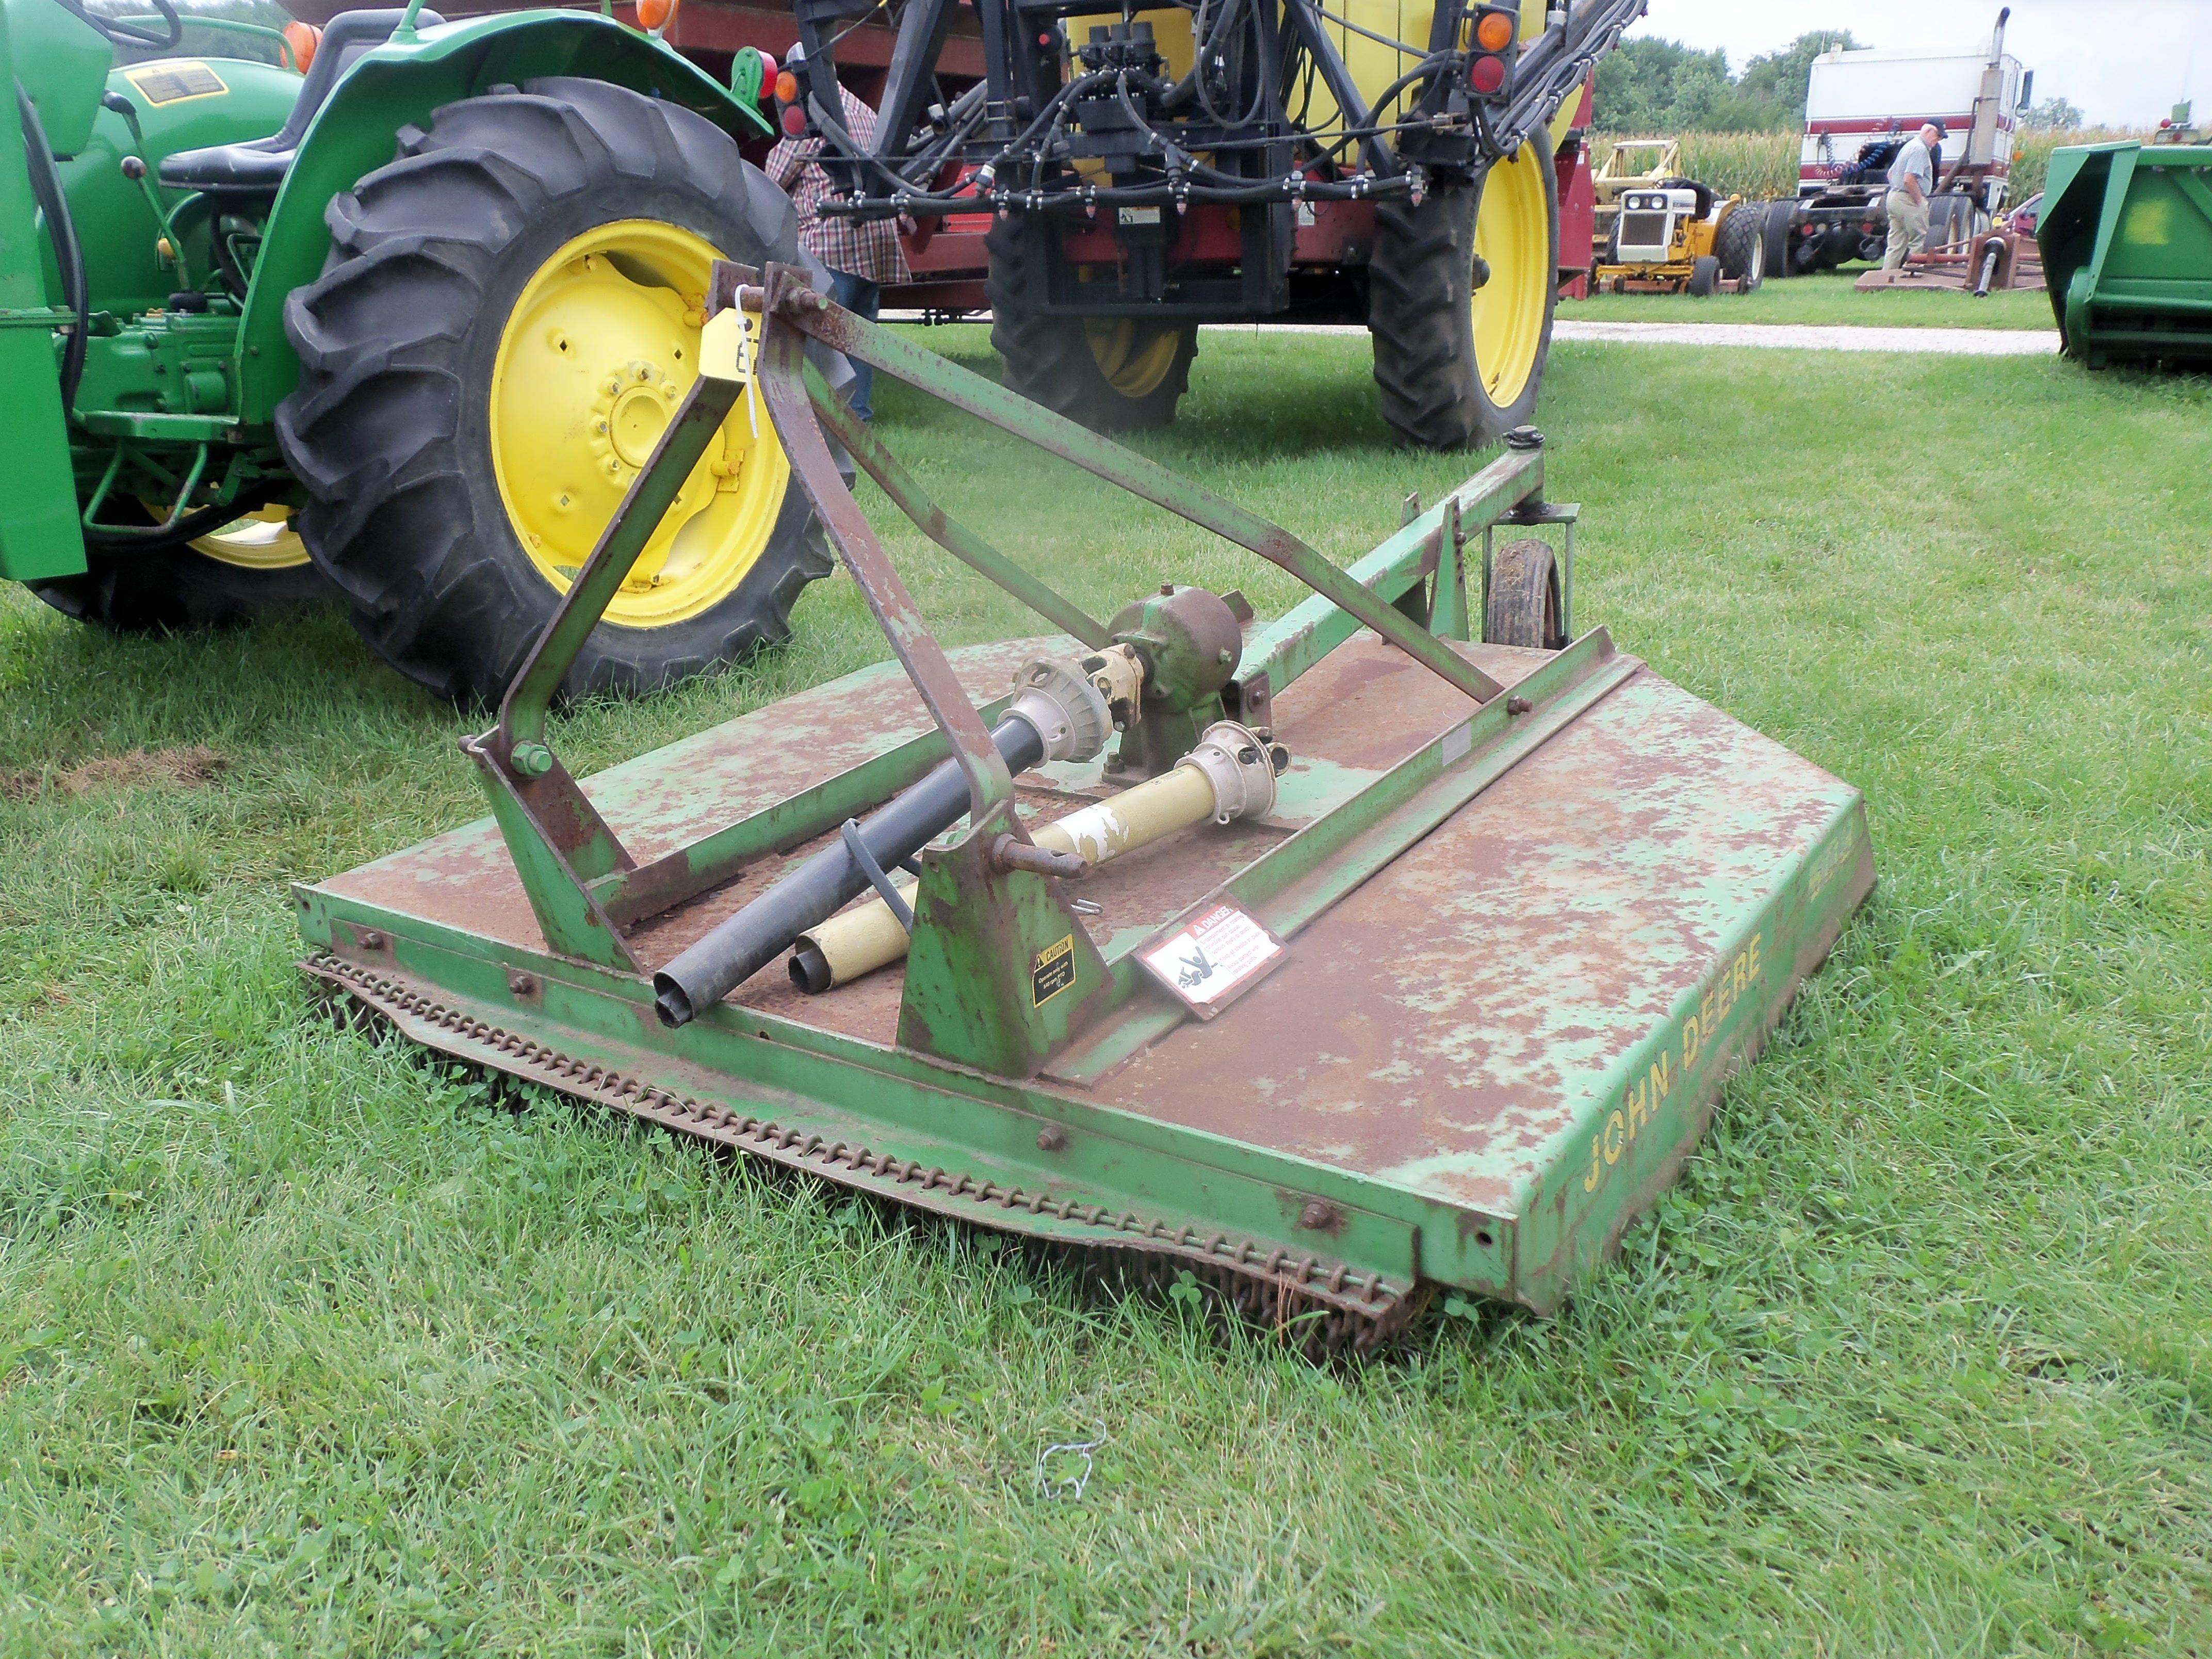 Pin On John Deere Equipment